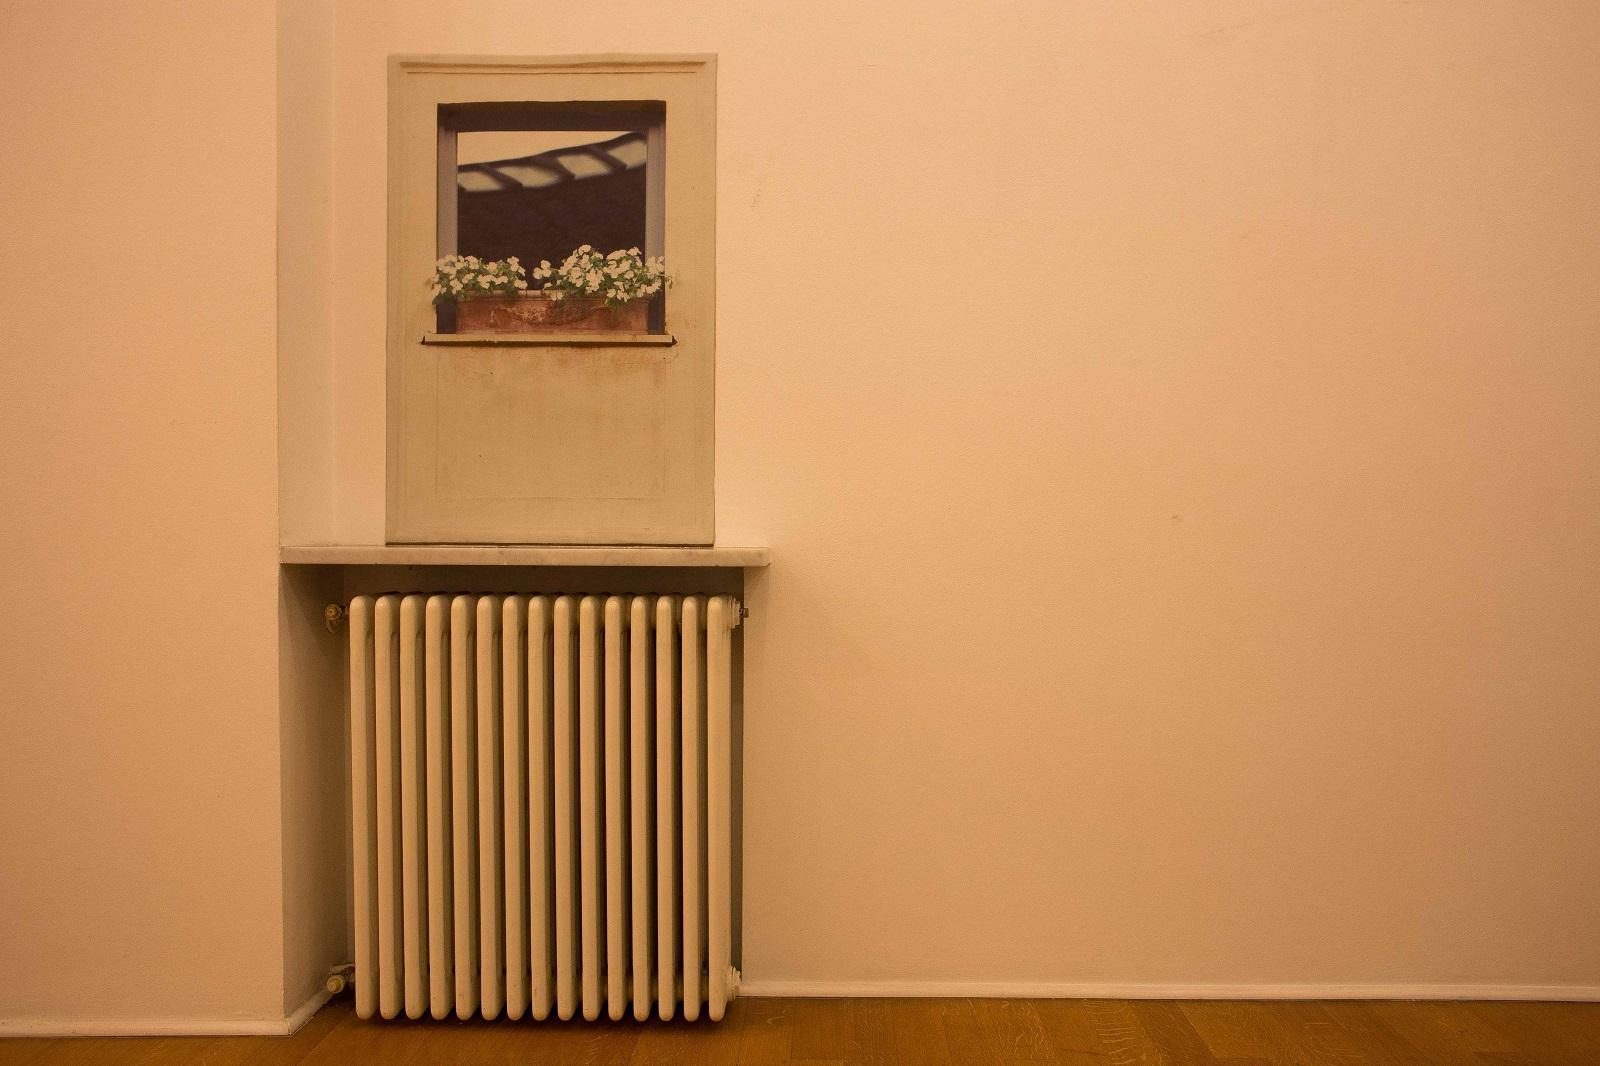 sbagliato-at-galleria-toselli-recap-16